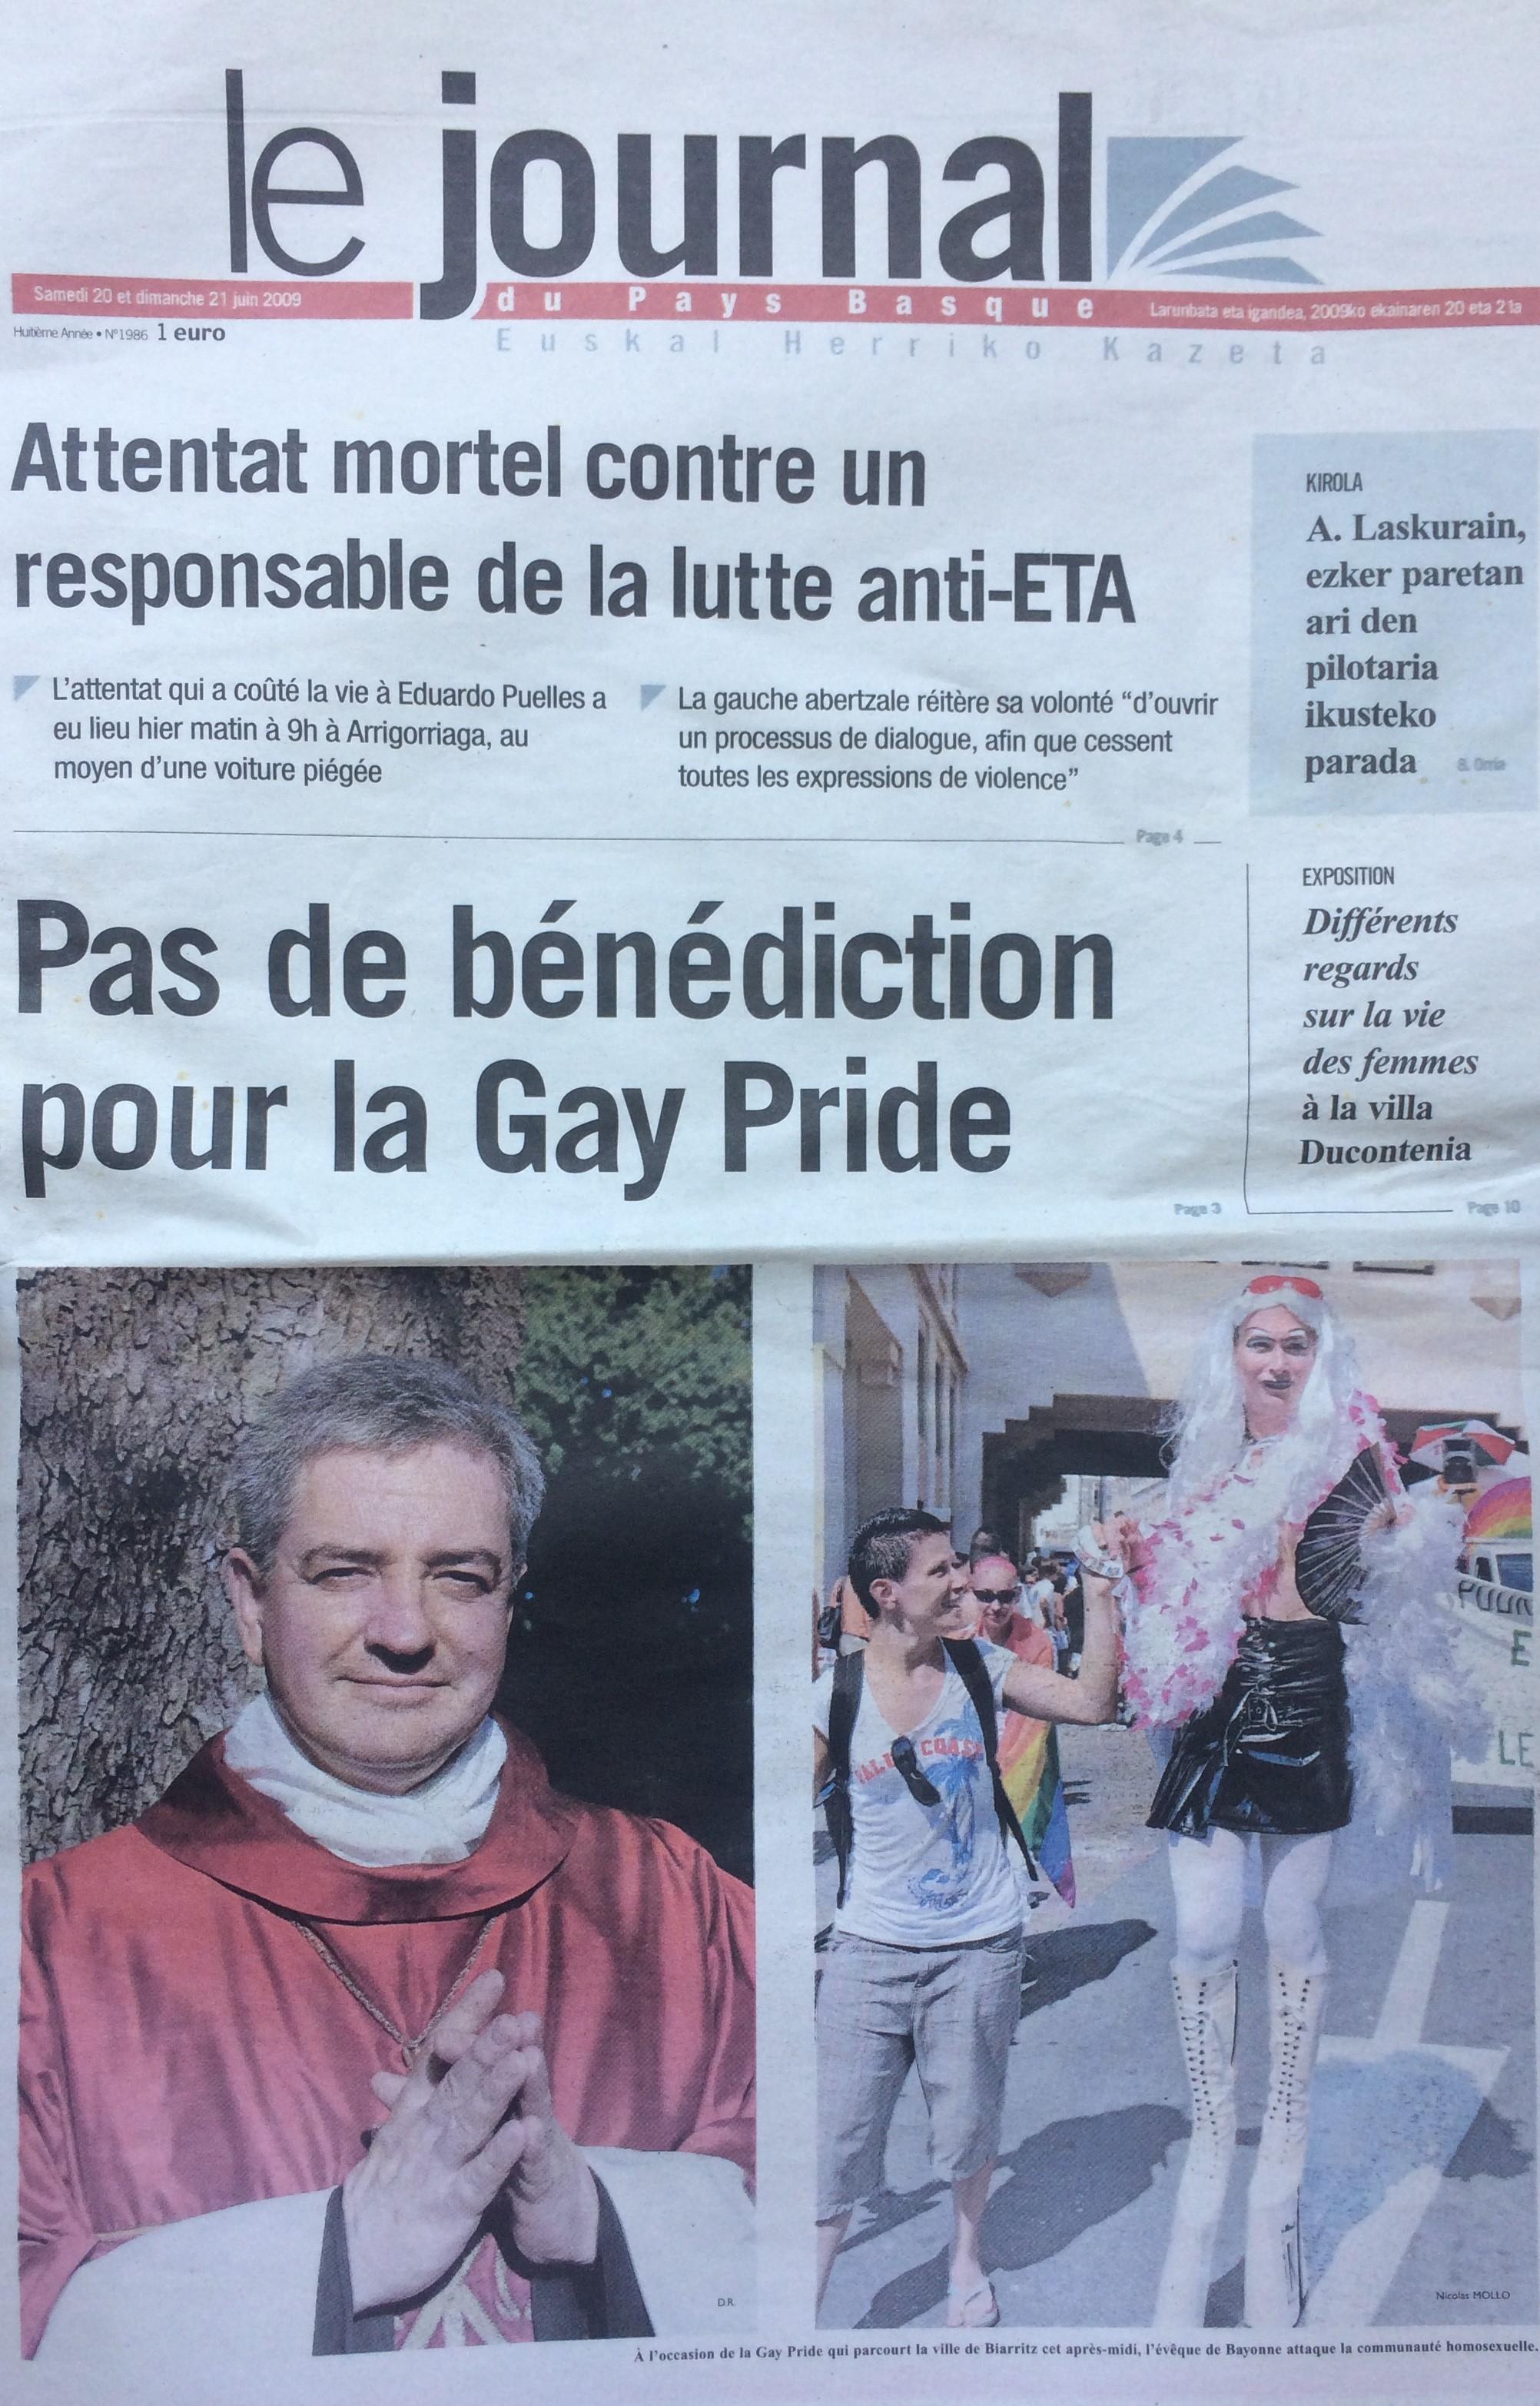 le journal du Pays Basque 20-21 juin 2009.jpg